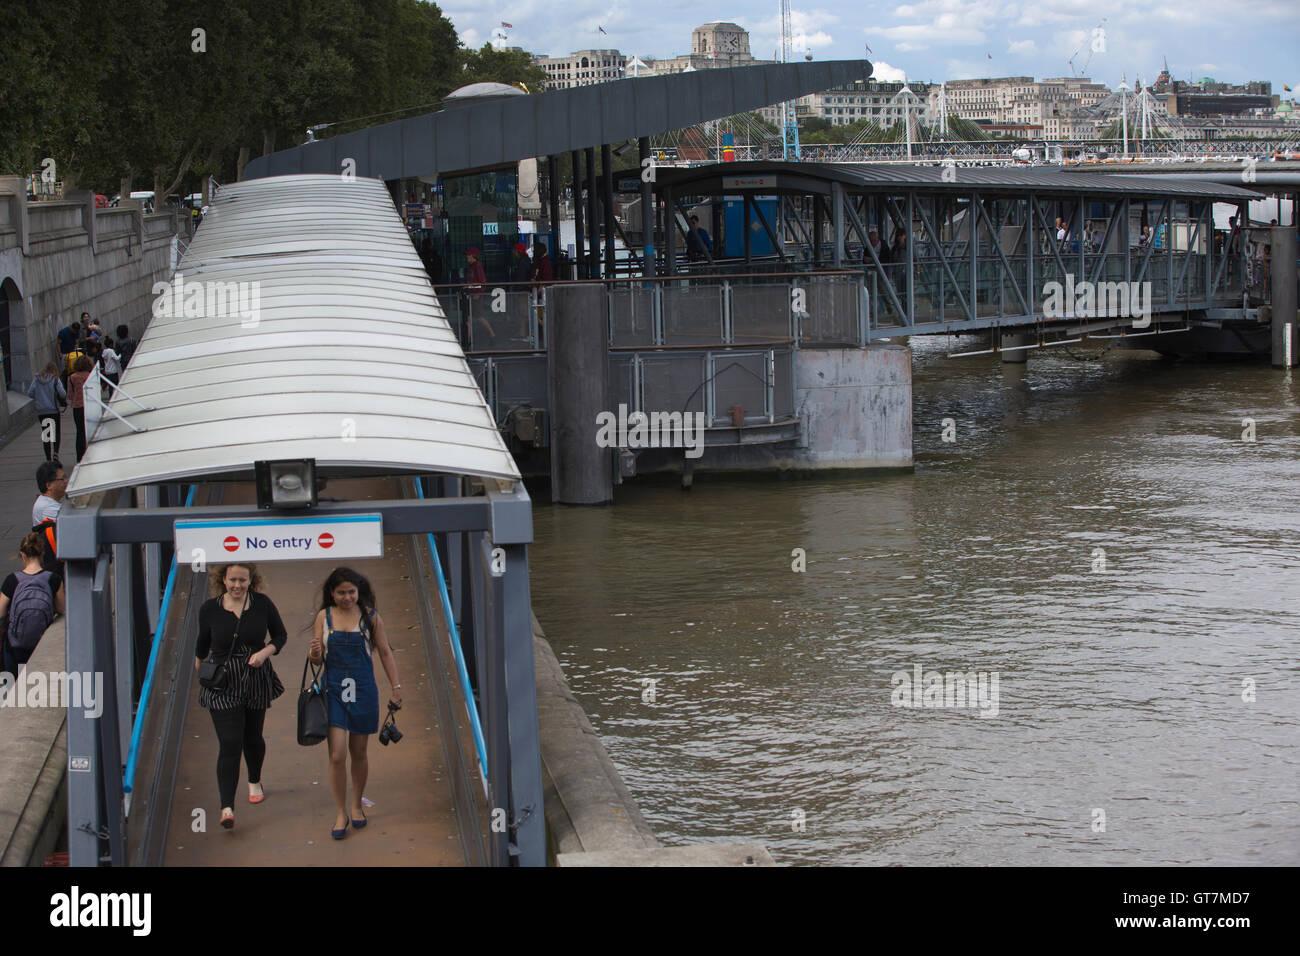 Thames River, MBNA Thames Clippers, Riverboat-Dienste auf der Themse zwischen wichtige Reiseziele in London, England Stockbild